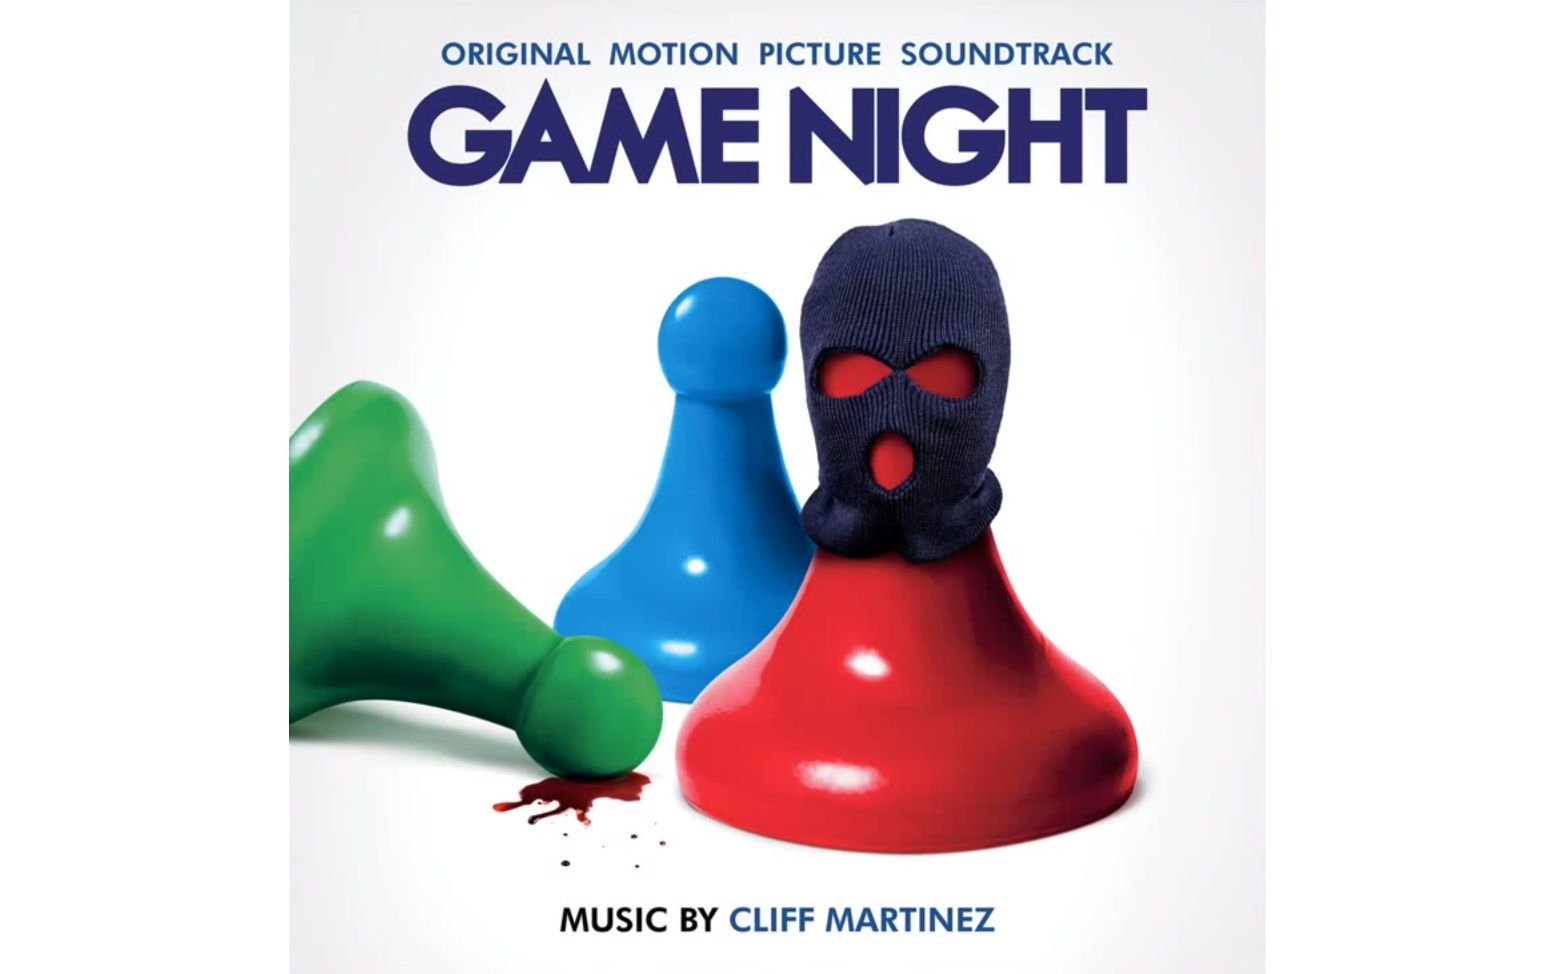 Noche de Juegos (Game Night) – Soundtrack, Tráiler